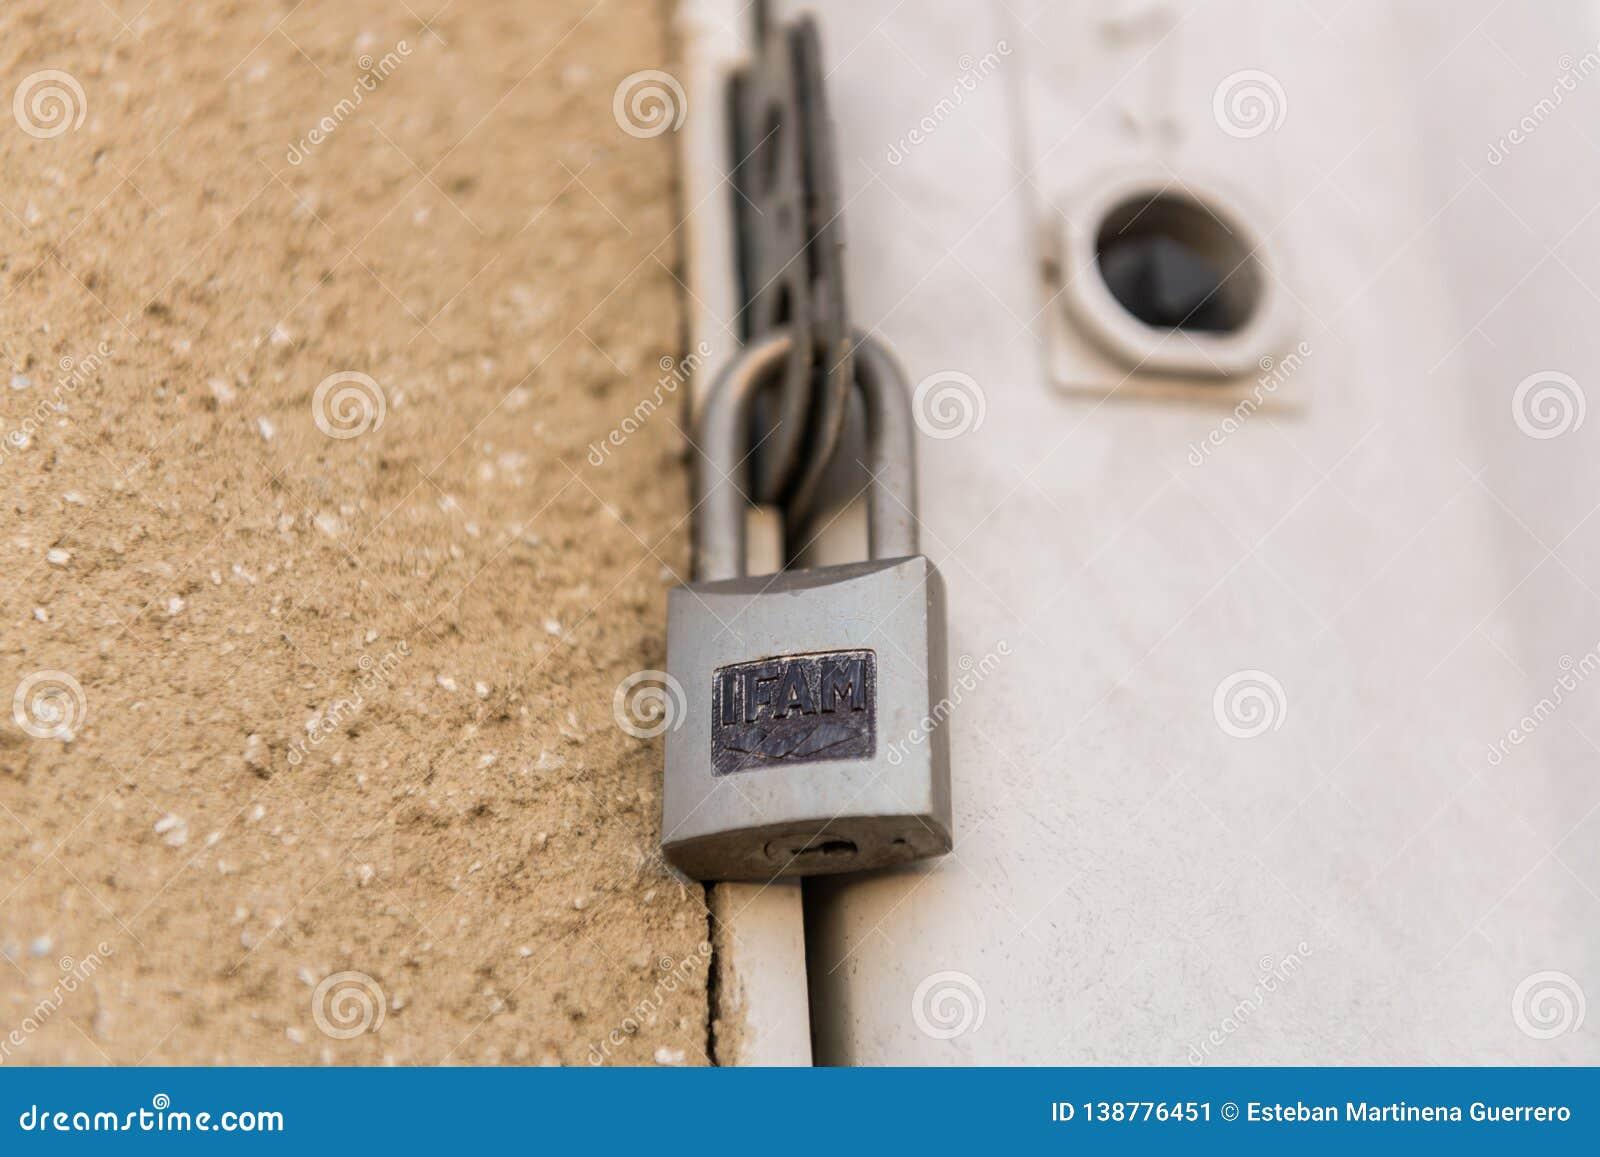 IFAM kędziorek zamyka drzwi elektryczny panel w Caceres, Extremadura, Hiszpania